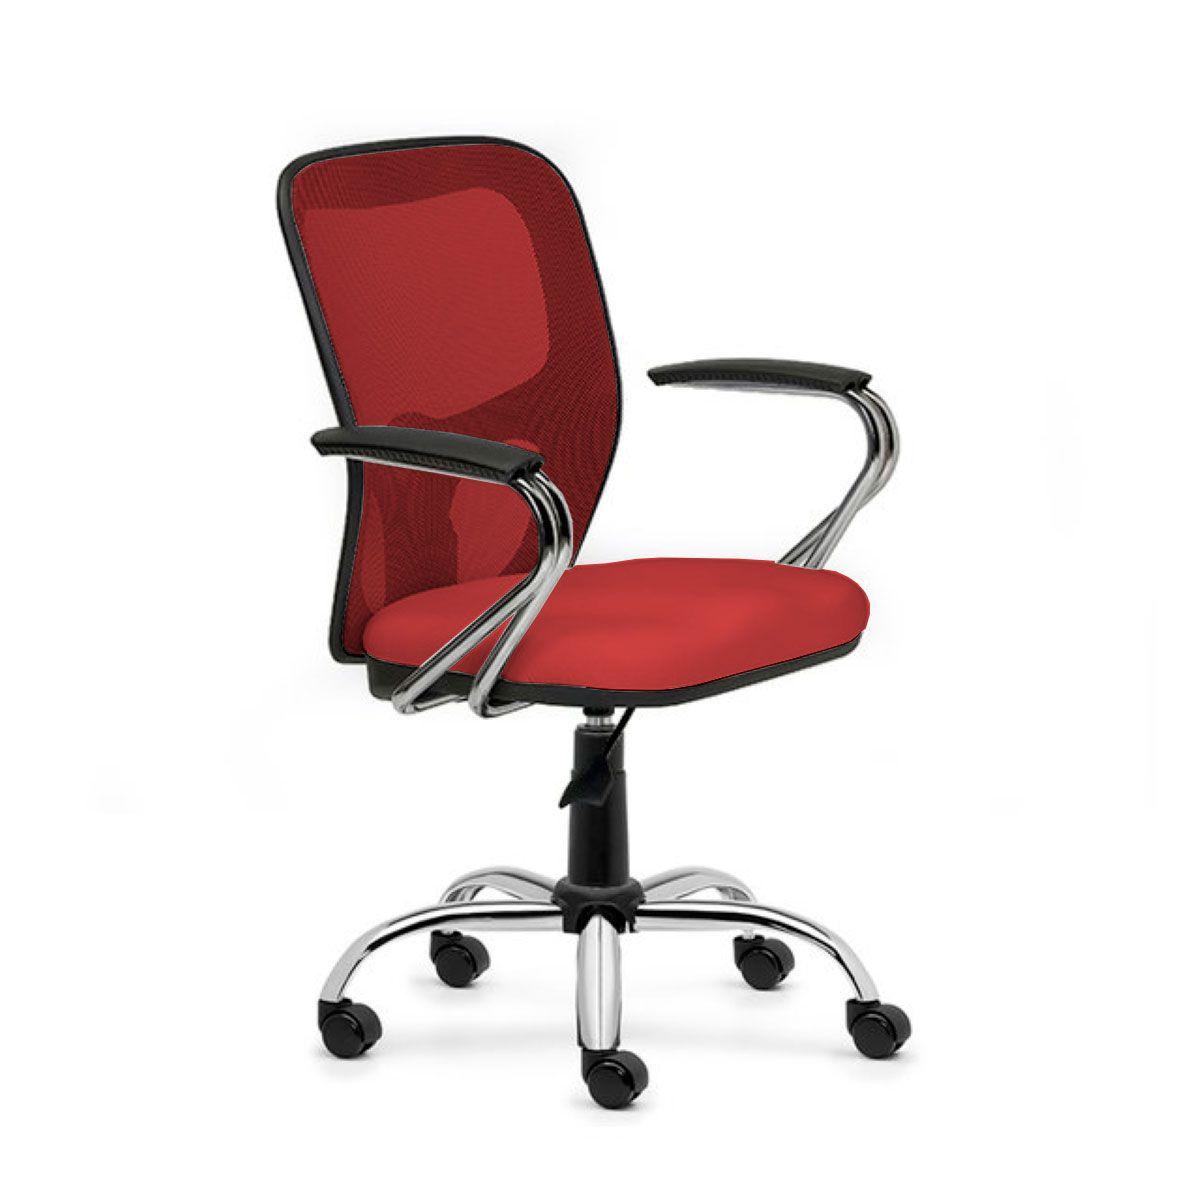 Cadeira de escritório AMITI secretária giratória base metálica cromada assento em crepe